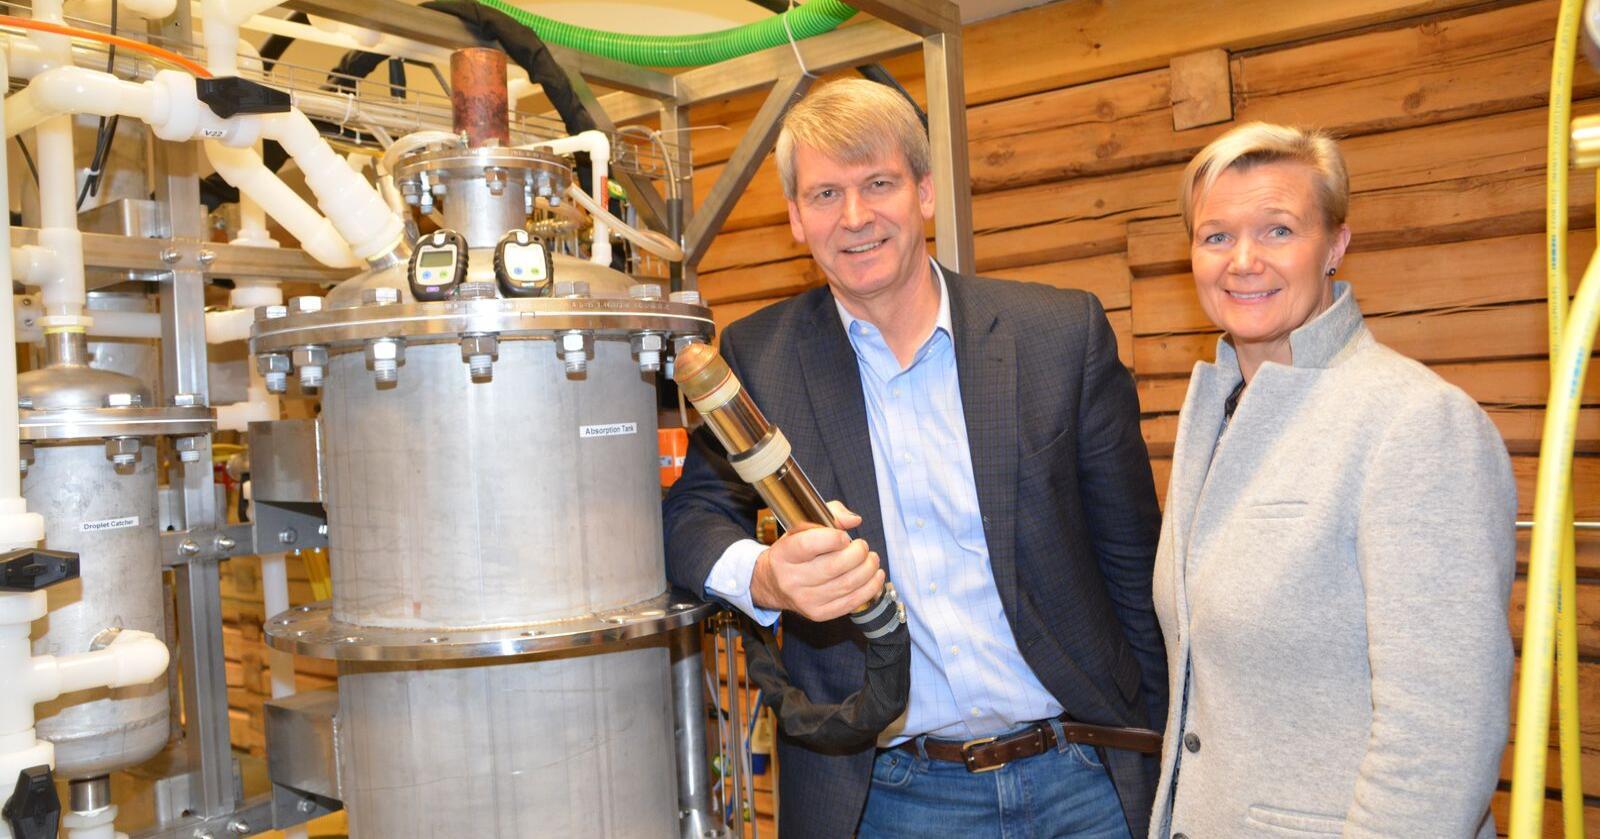 Grete Sønsteby og Rune Ingels i N2 Applied utvikler teknologi som kan optimalisere utnyttelsen av nitrogen på norske gårdsbruk og redusere lystgassutslippene.